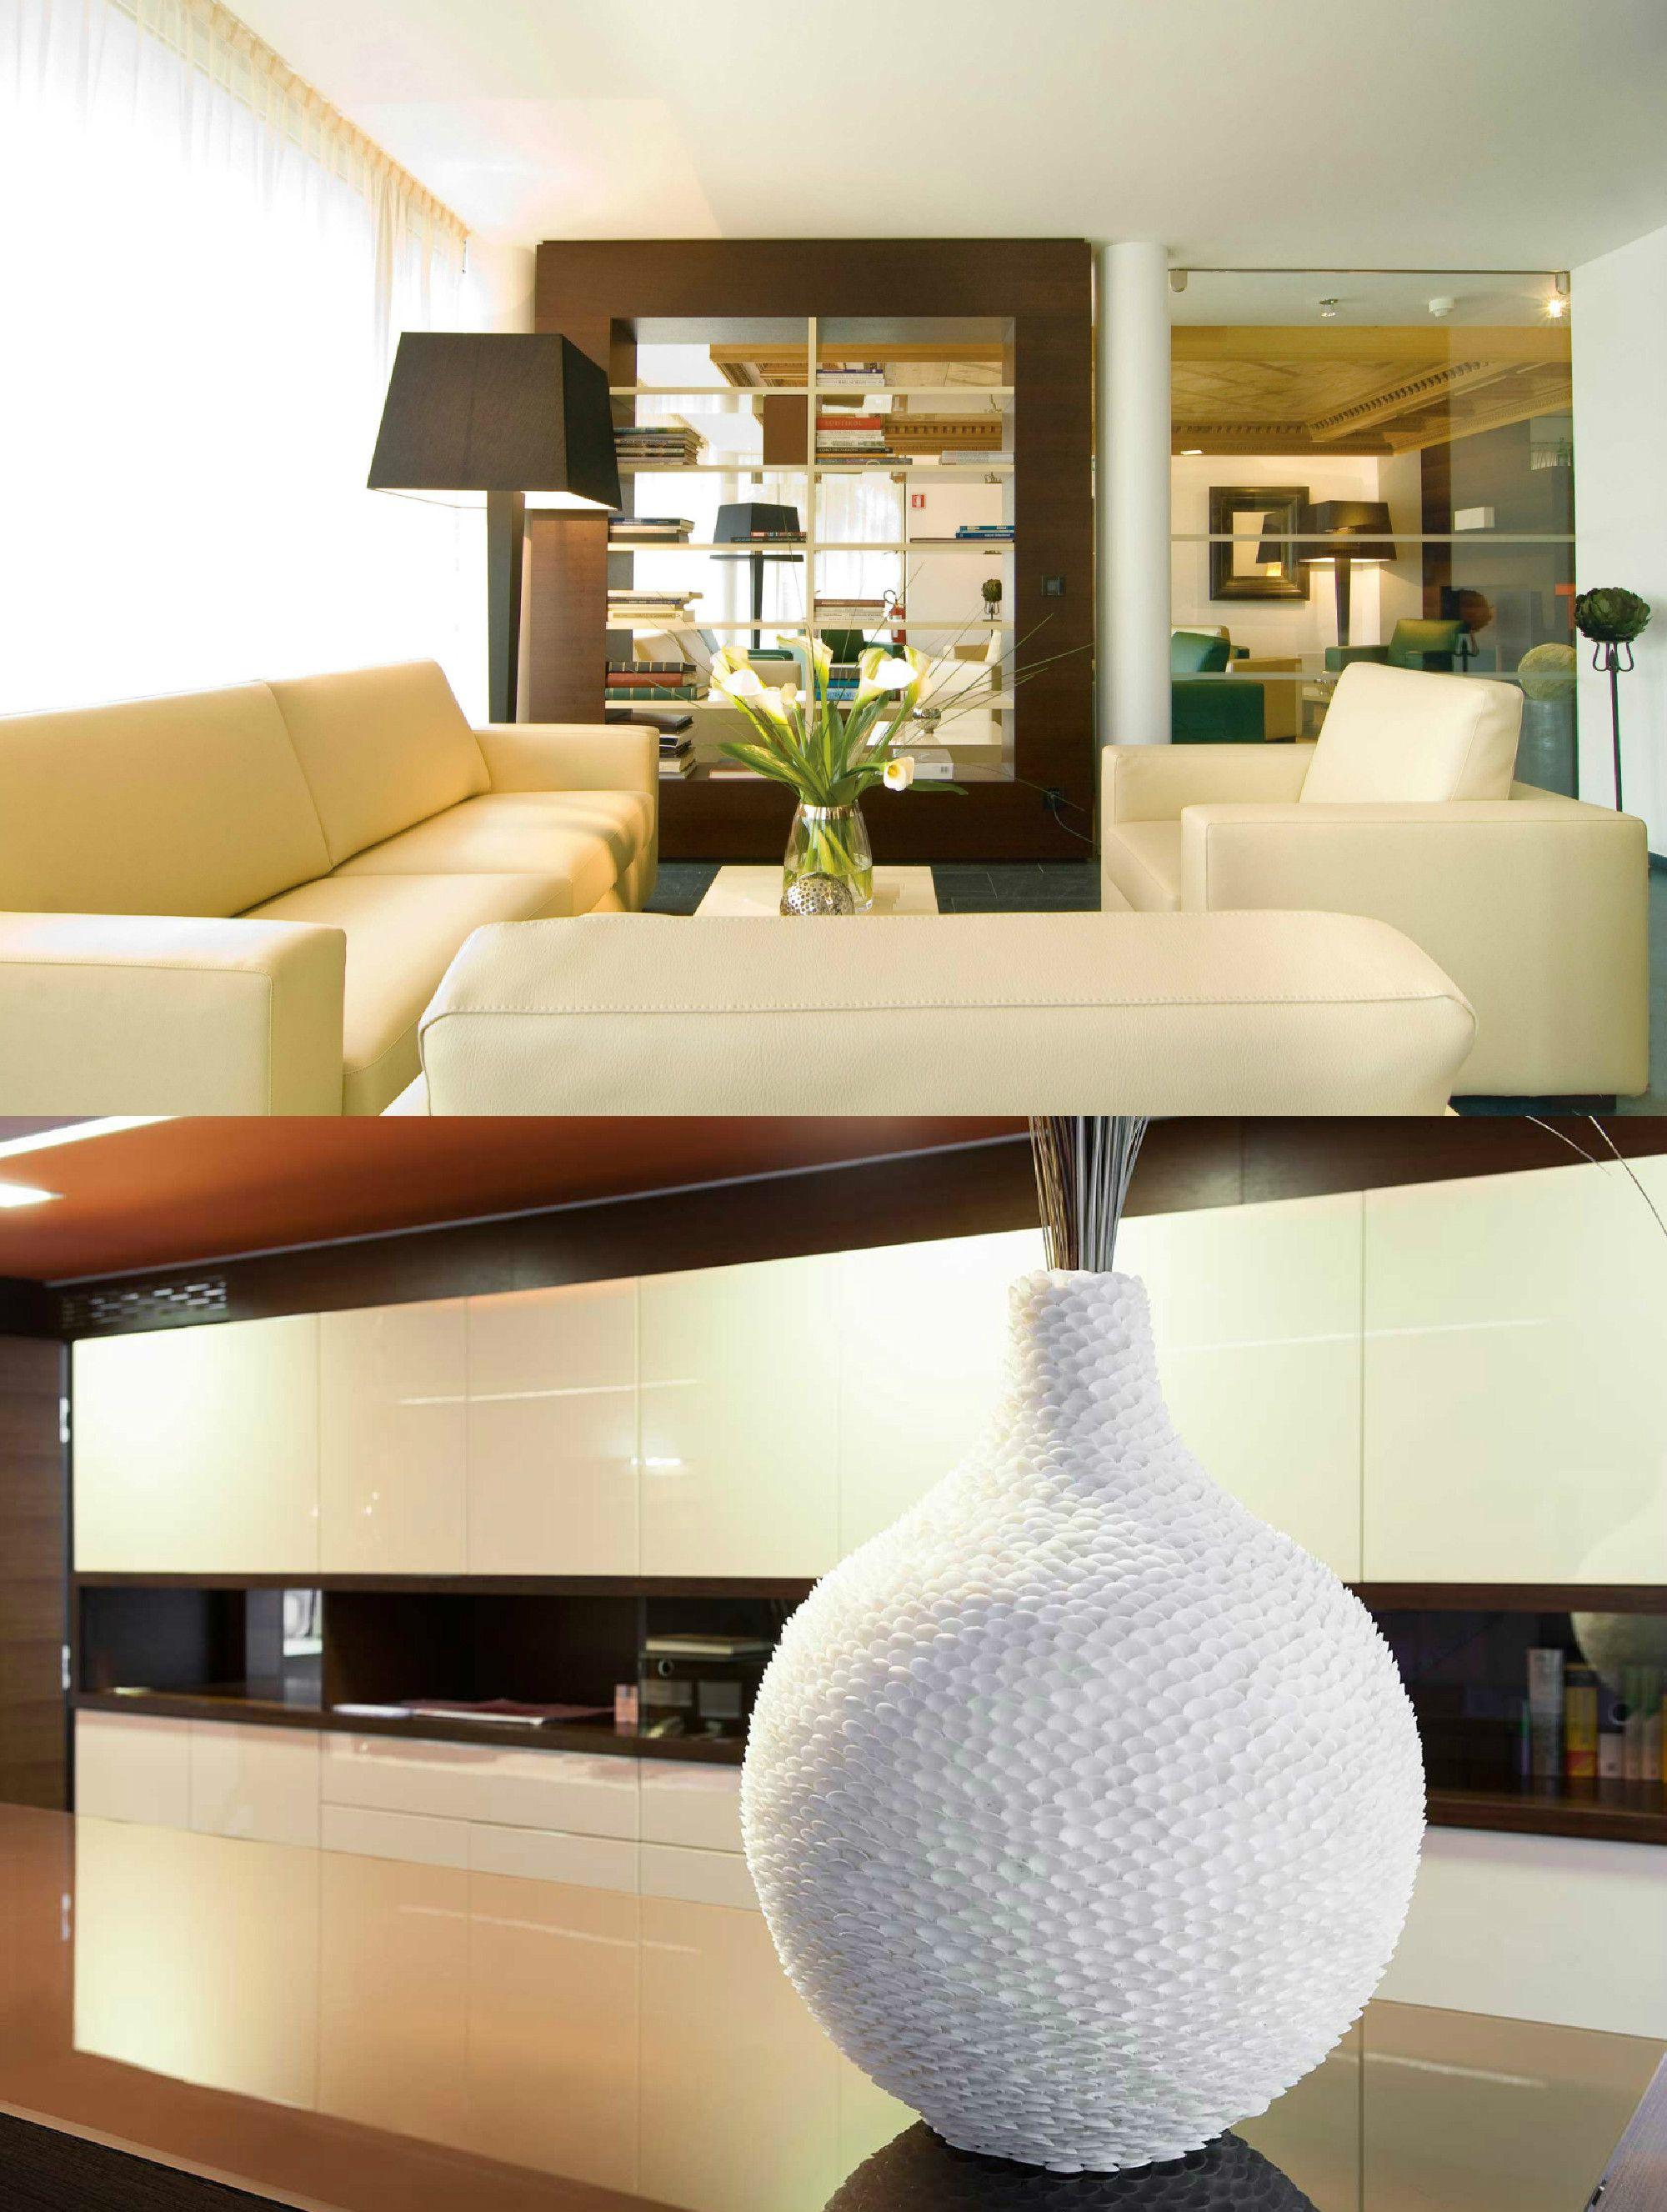 Hotel Gartner | Design Hotel | Italy | http://lifestylehotels.net/en/hotel-gartner | Lounge | Interior | Design